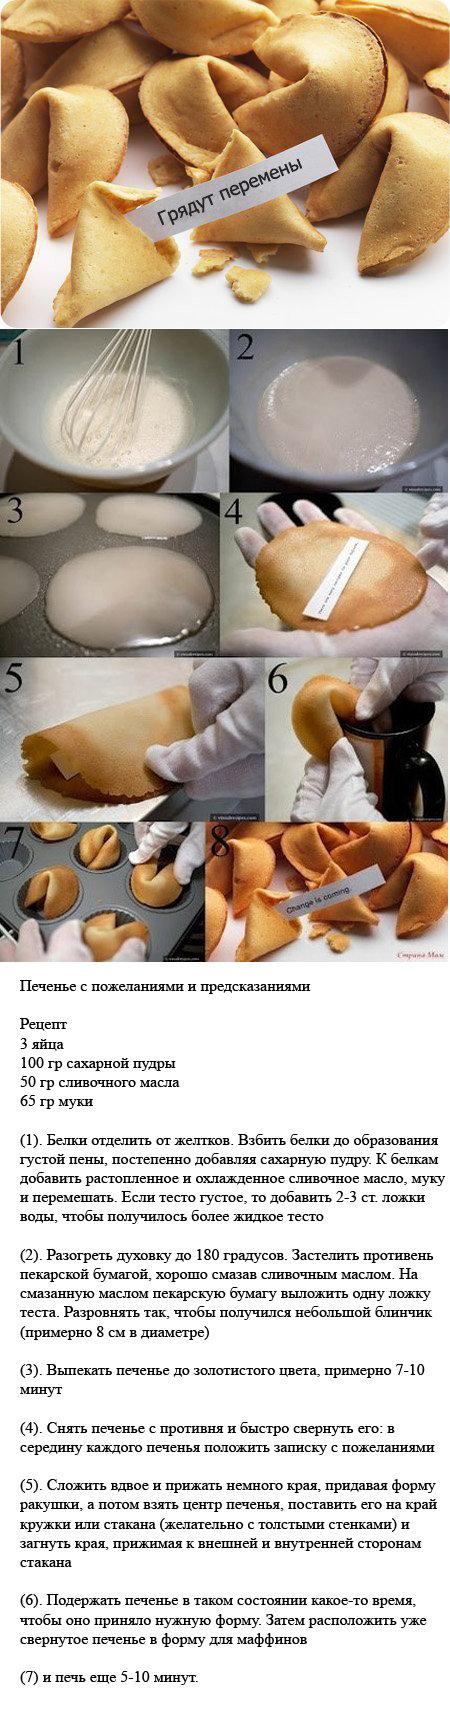 самый легкий рецепт печенья в домашних условиях